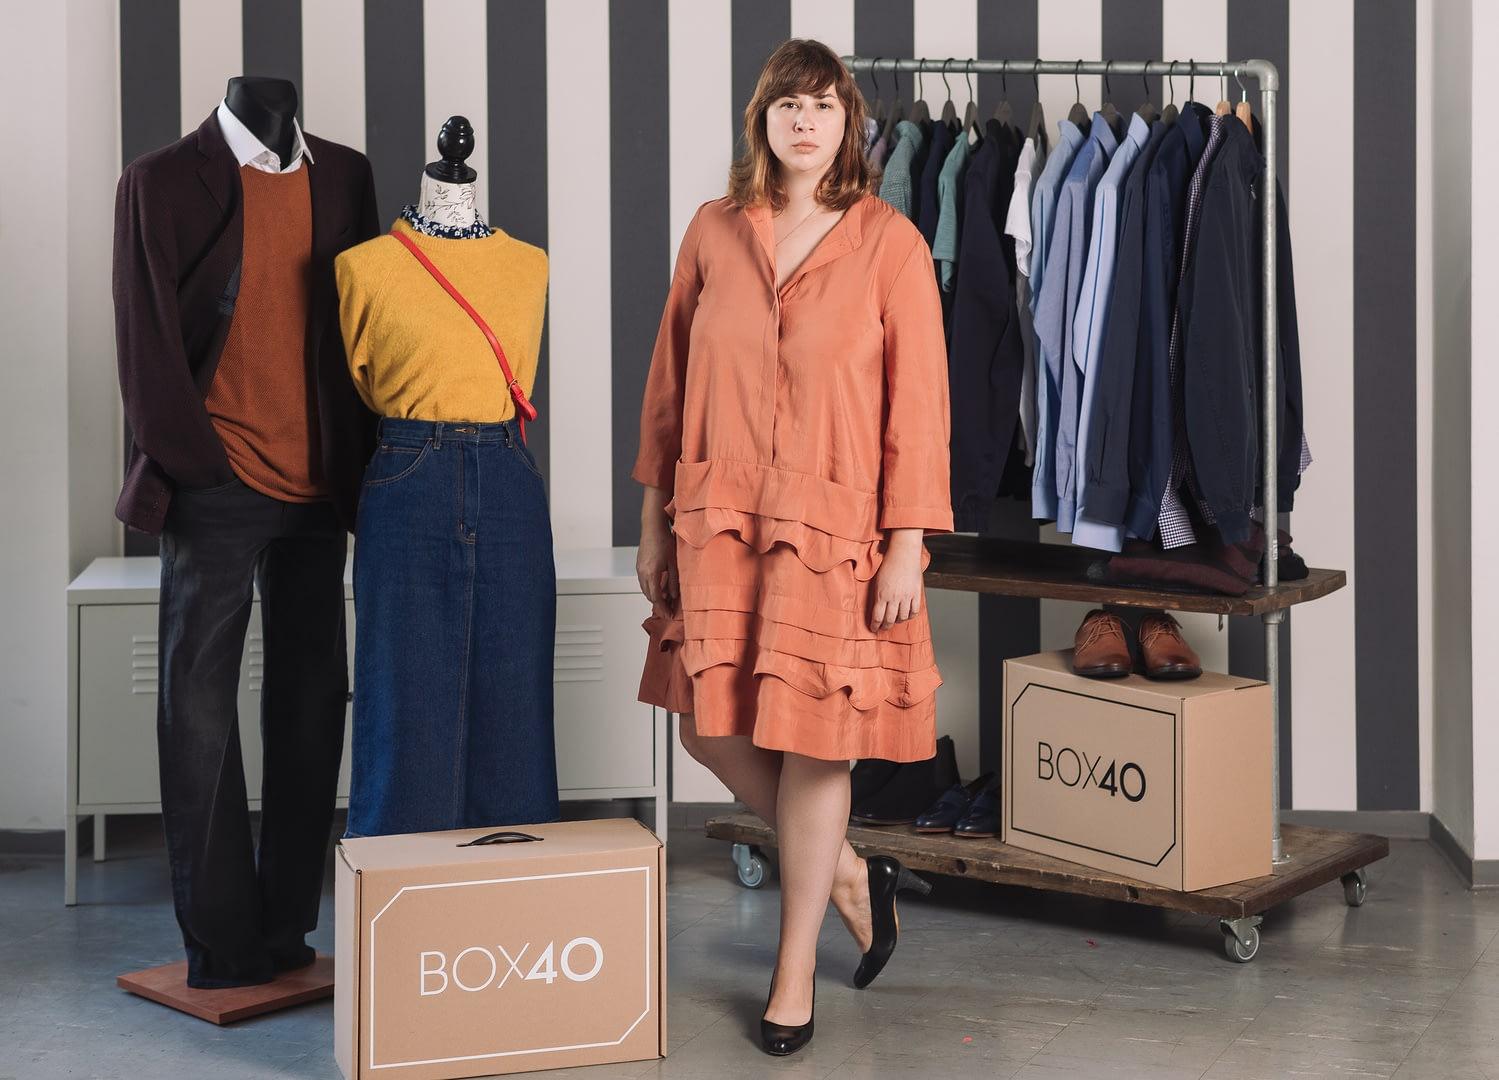 BOX40 Business Portrait MPP 9072